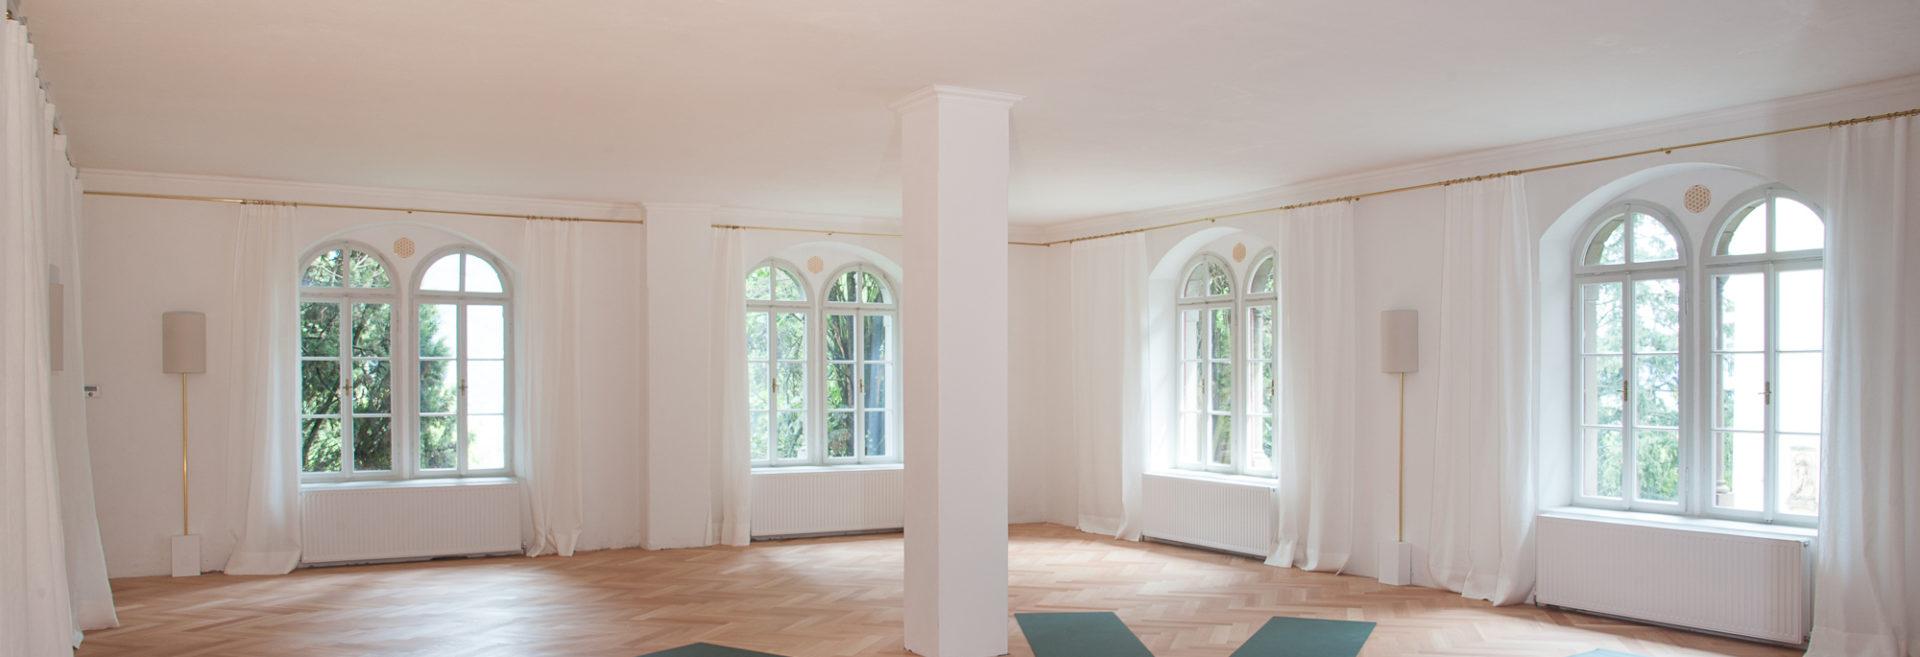 Gartensaal Baslan